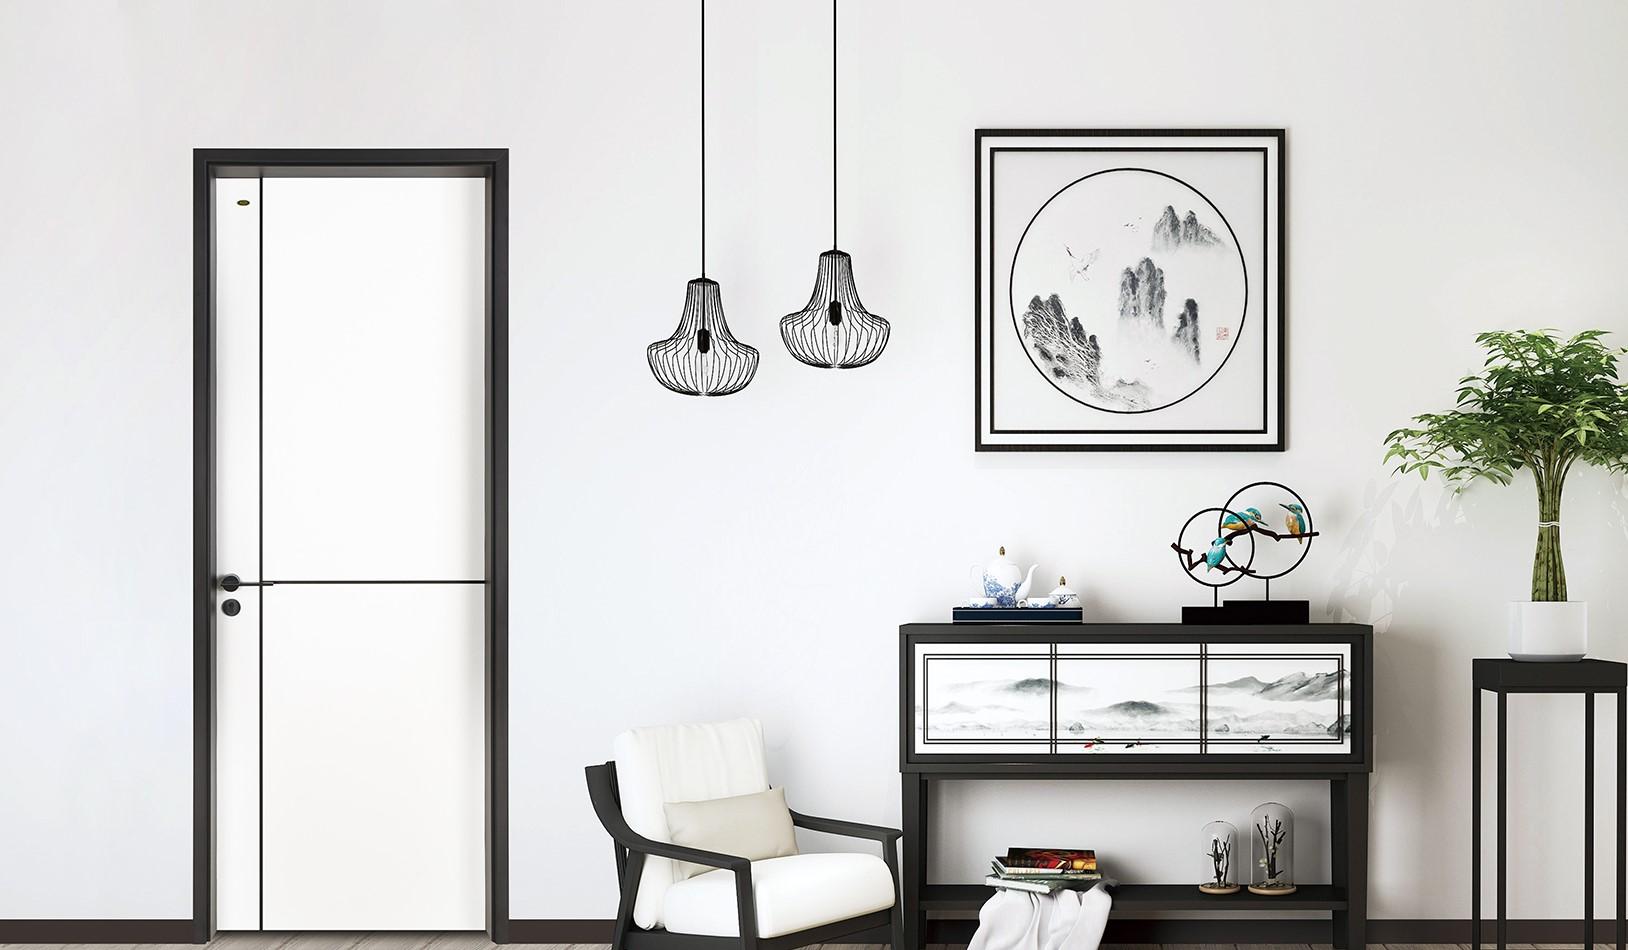 深圳时尚家居设计周 品桥木门:德式T型门已成市场未来发展方向